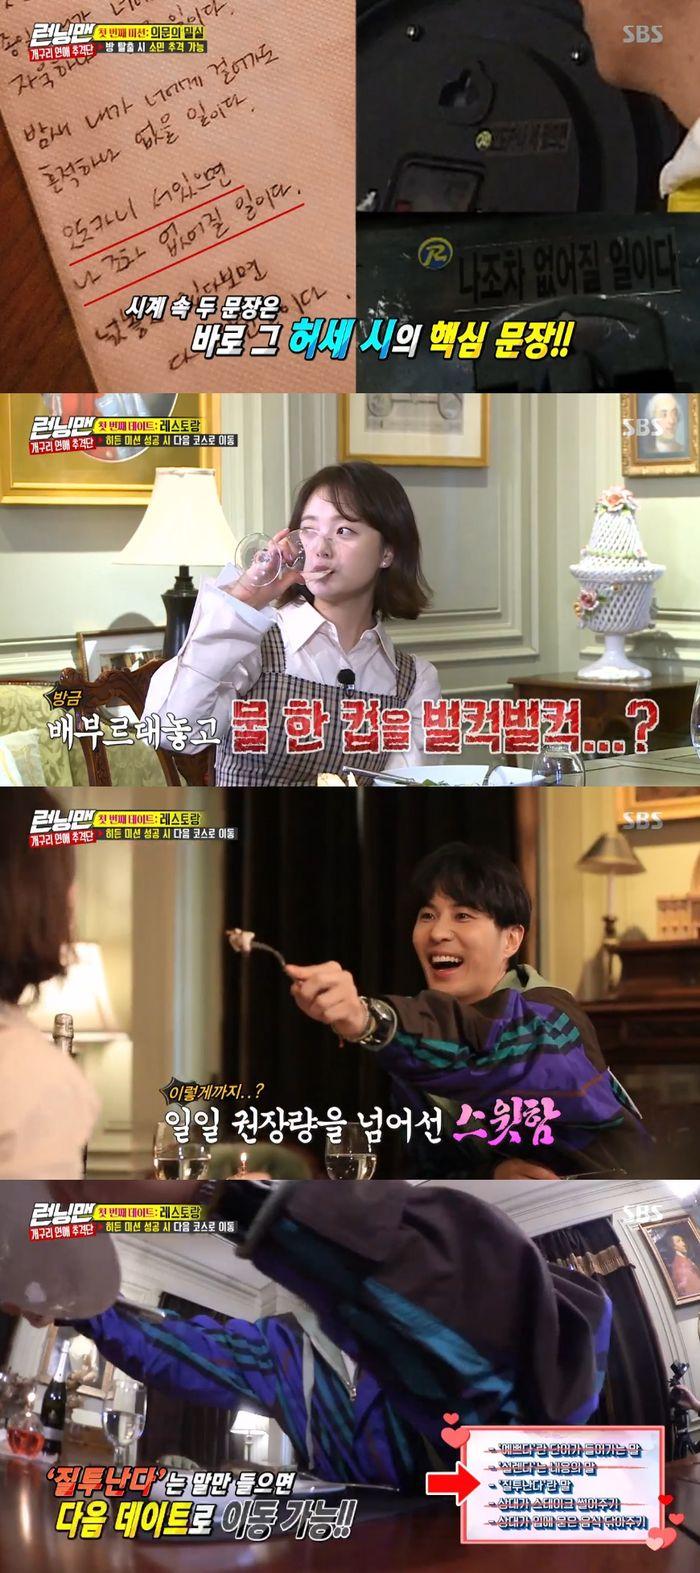 """'런닝맨' 김지석, 전소민 히든미션 성공에 """"지금까지 연기였어?"""" 당황"""